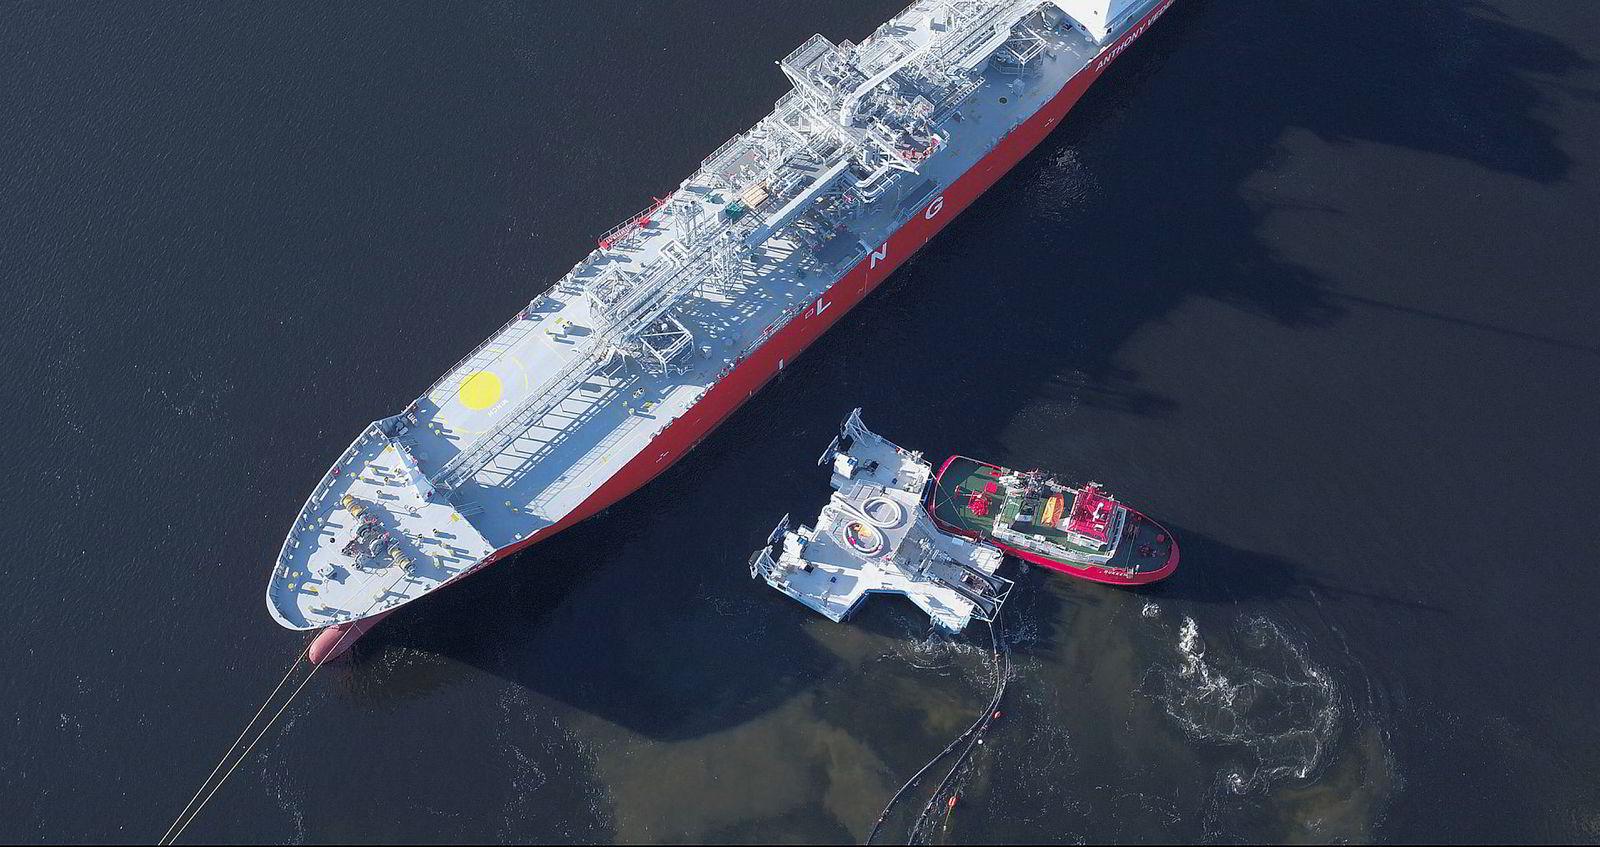 Gassdrevne skip er misjonen til Connect LNG som har laget flytende kaifunksjoner for flytende gass.